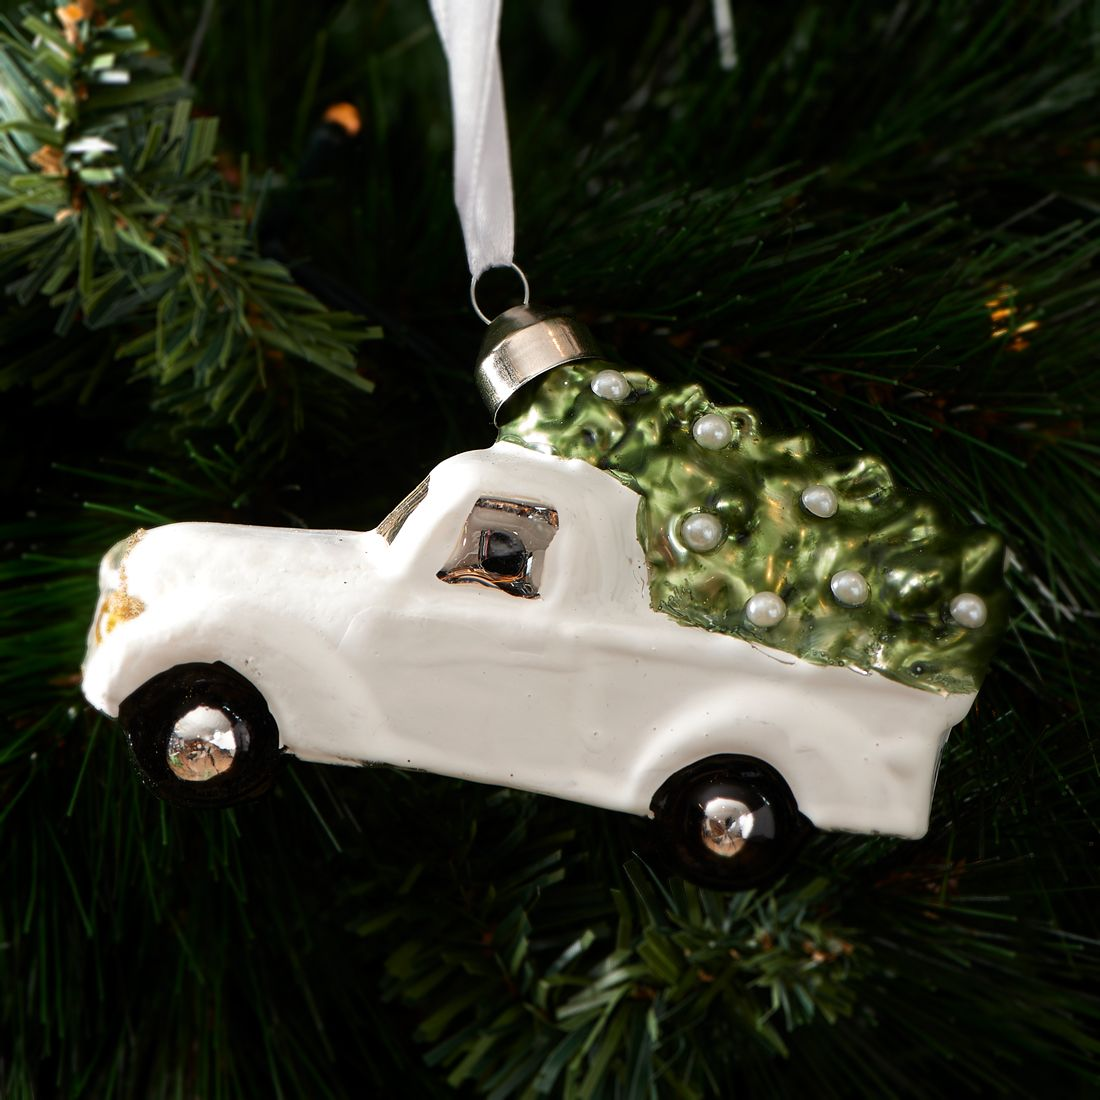 Julekugle bil – Winter Car Ornament